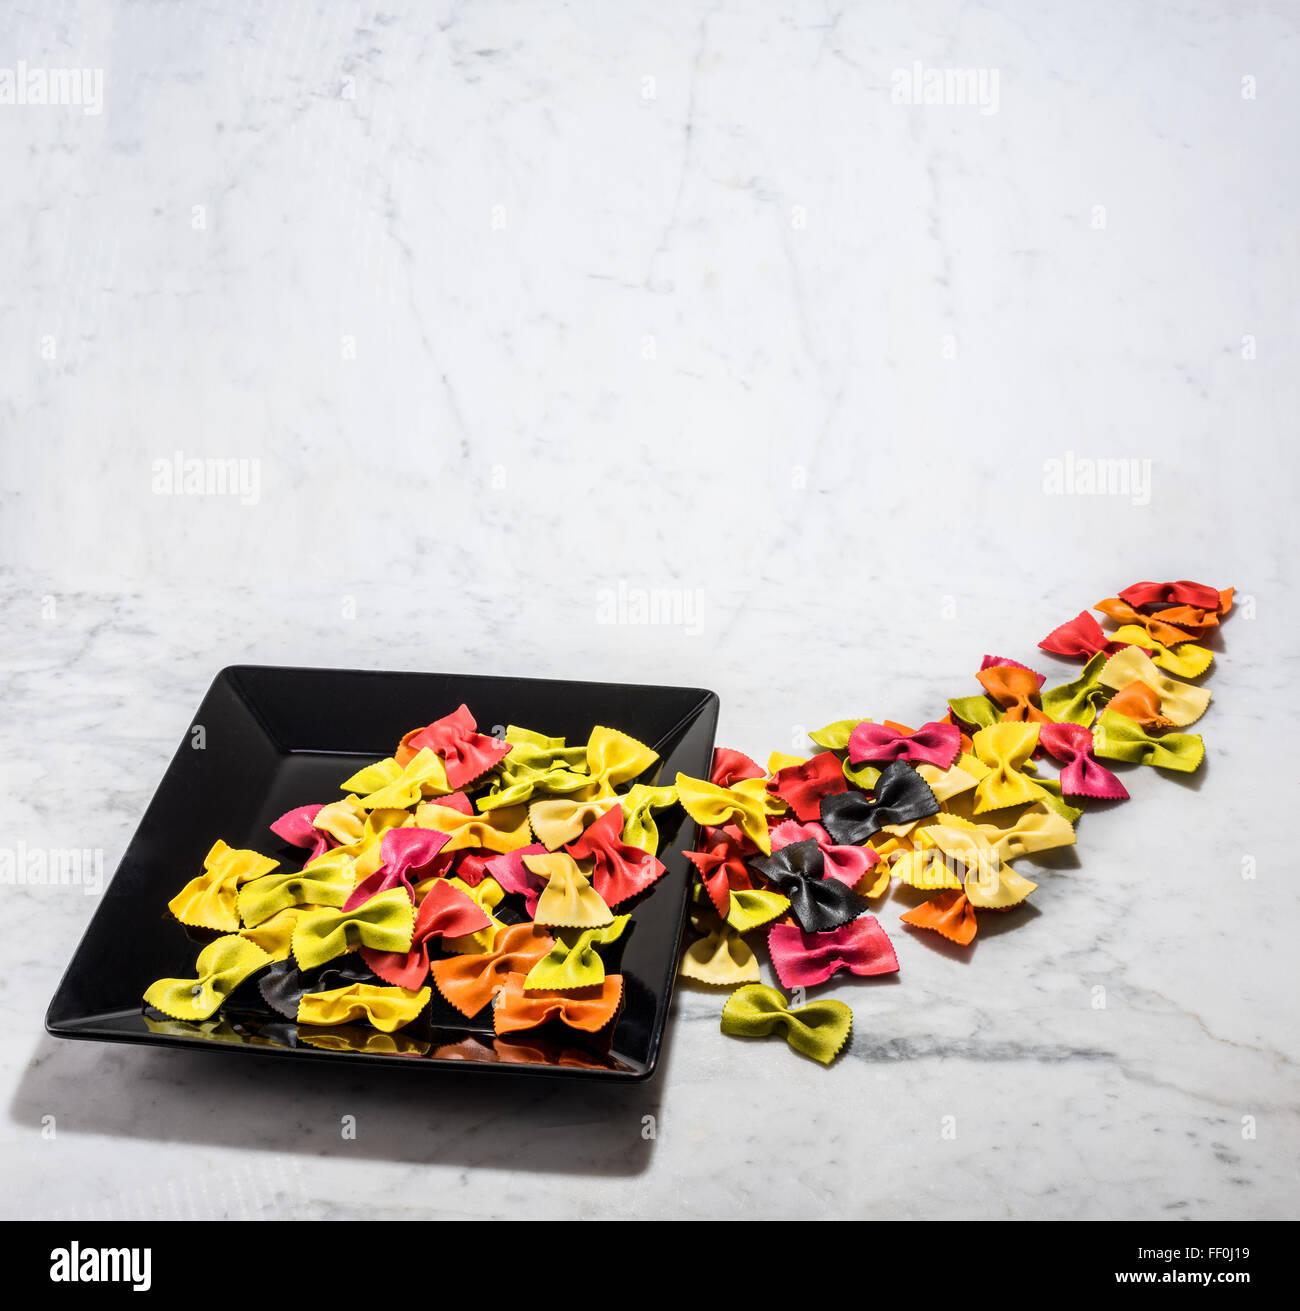 Farfalle Italy Italian pasta colorata bicolor multicolore multicolore multi colore Livestyle cucinare cucina tinto Immagini Stock